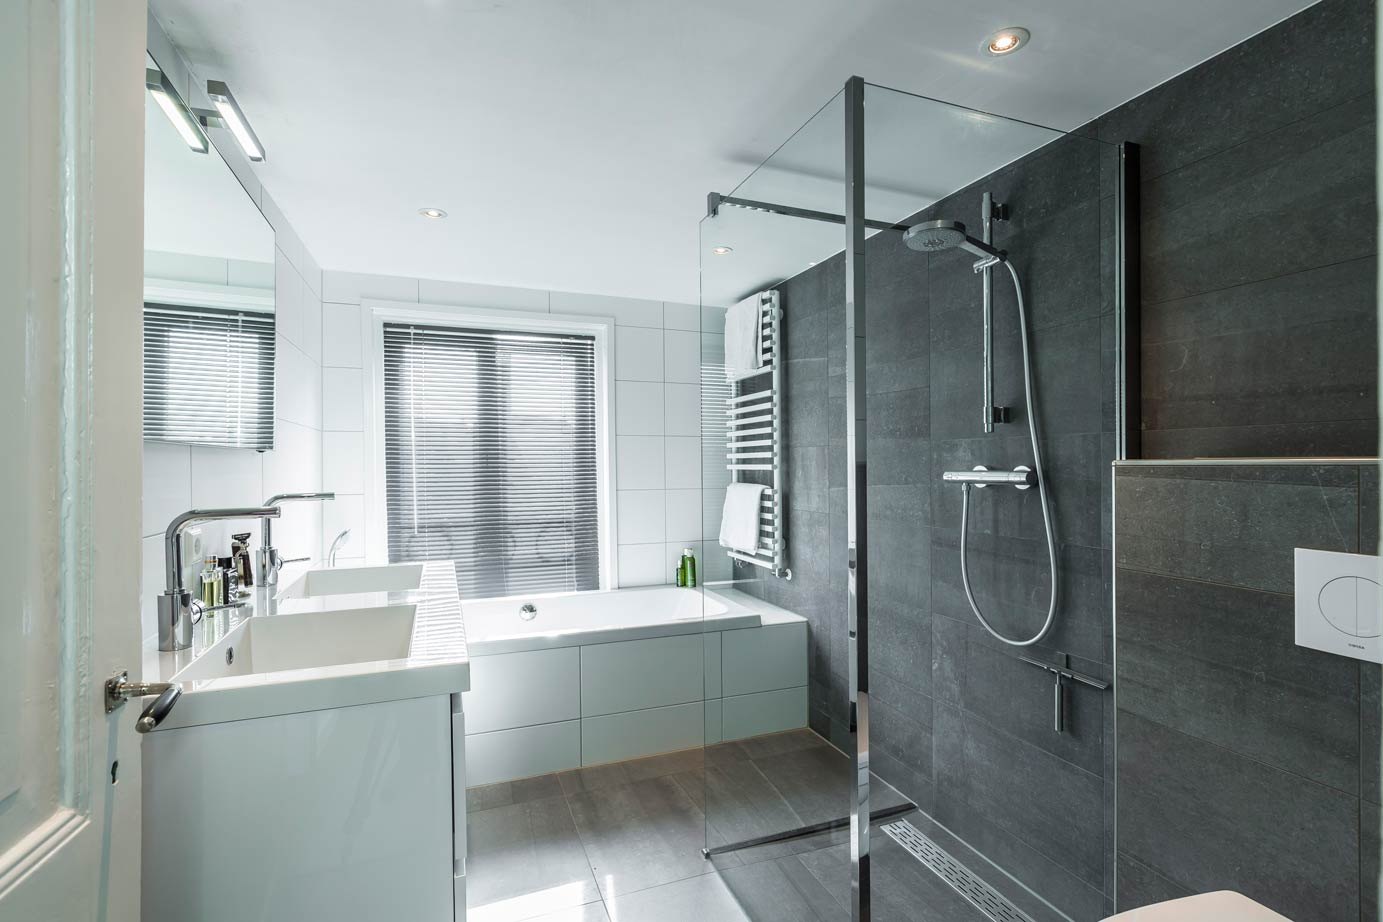 Badkamer En Keuken : Keuken en badkamer kopen utrecht lees klantervaring db keukens